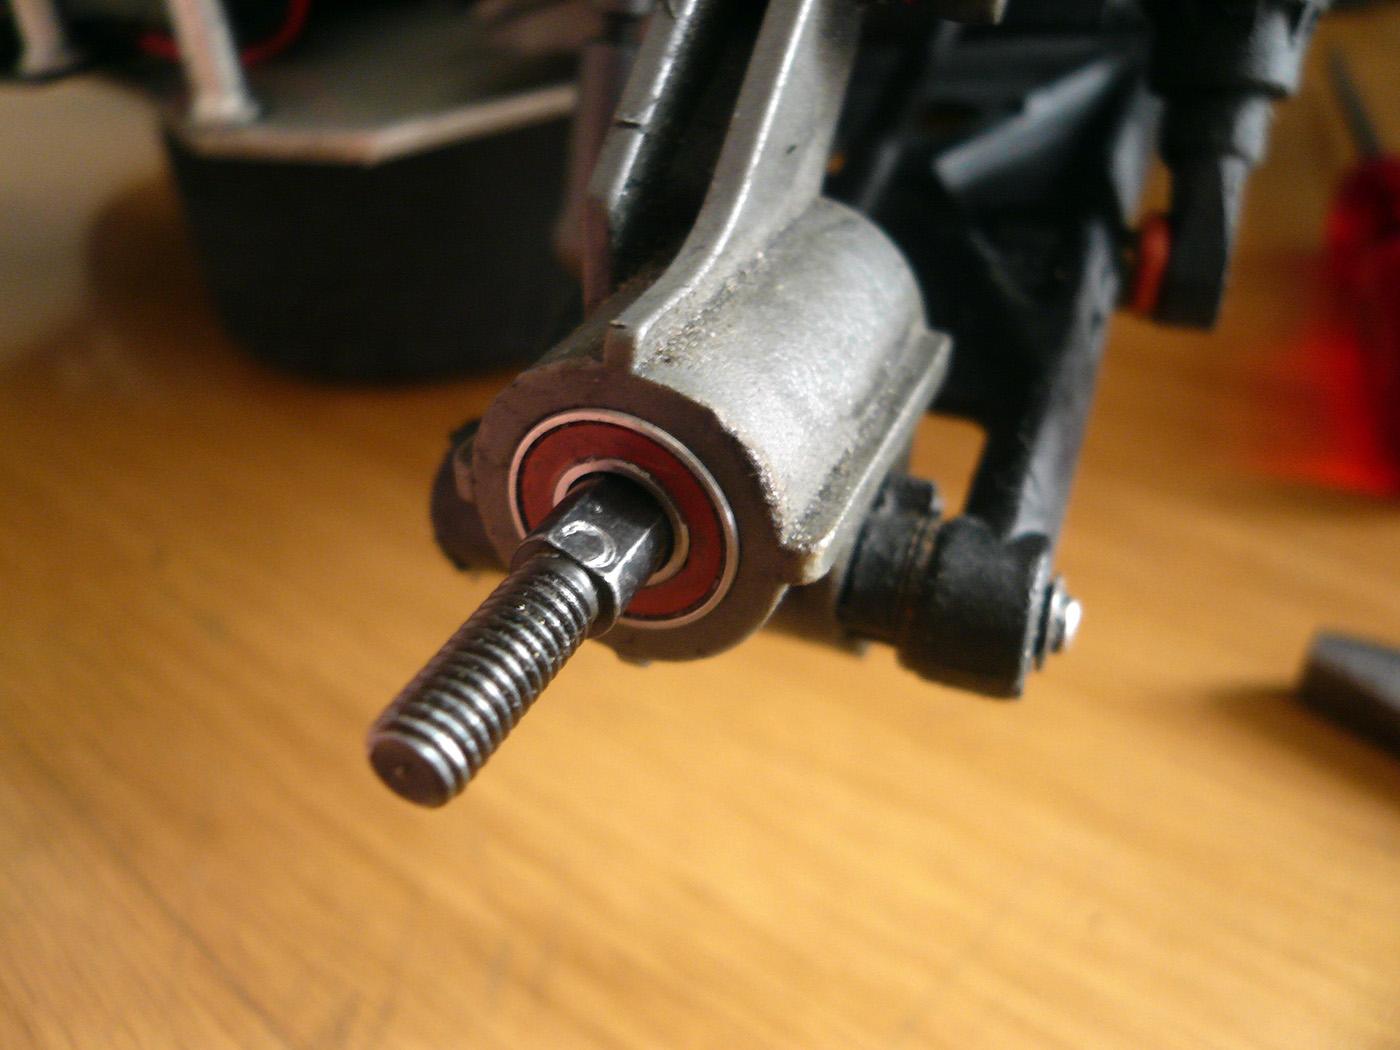 tamiya wrenchdog dyna storm dyna blaster tr-15t c-hub rear hub C1 C2